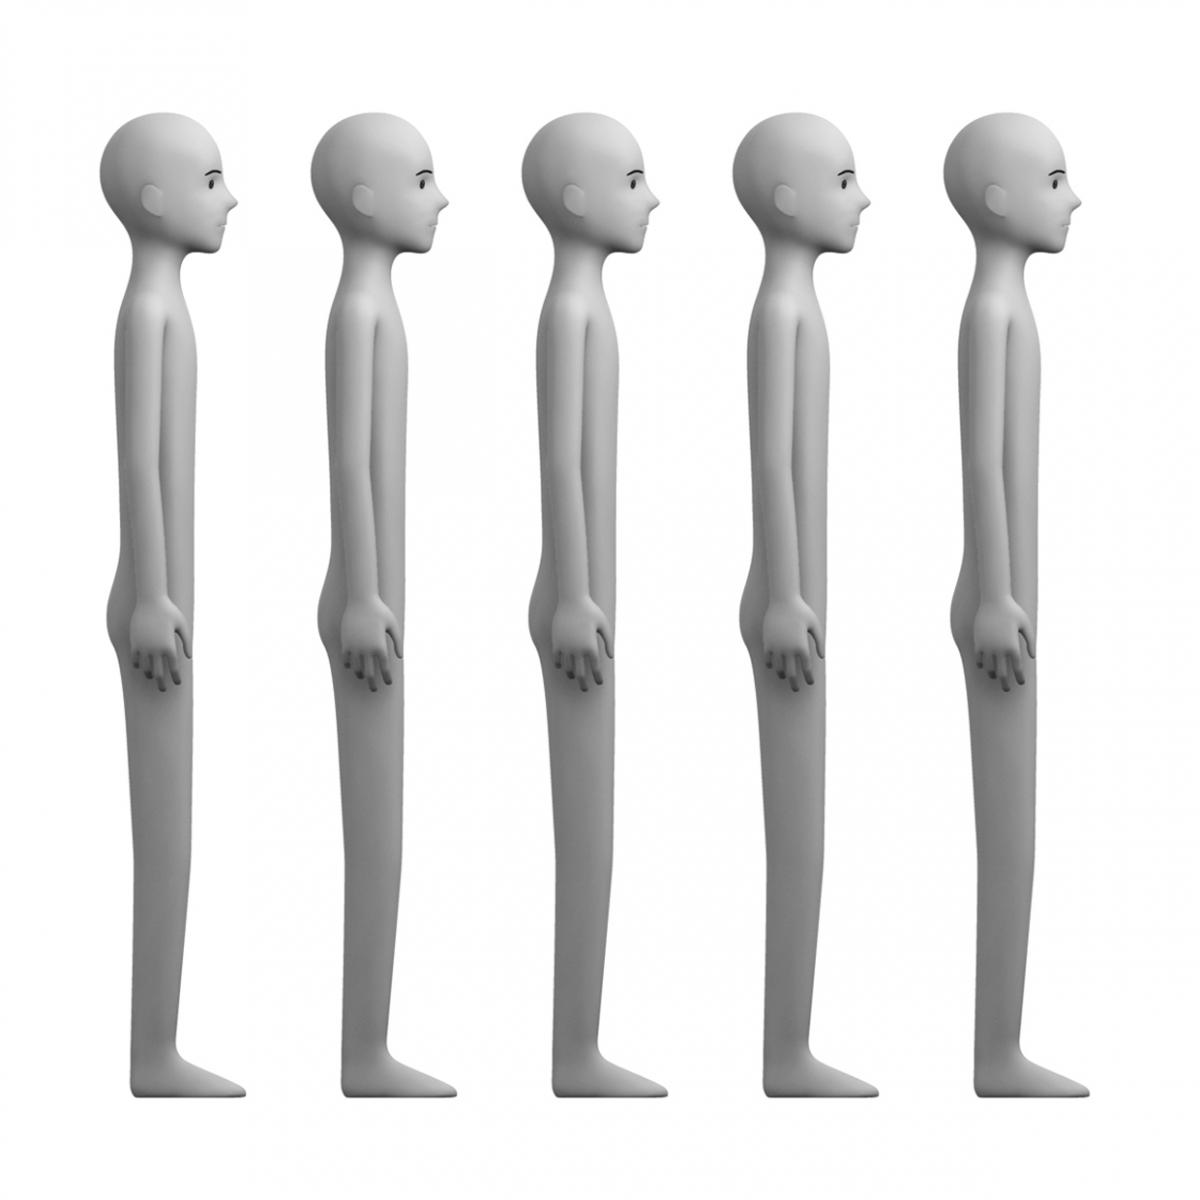 Imagen en la que se ve una fila de personas